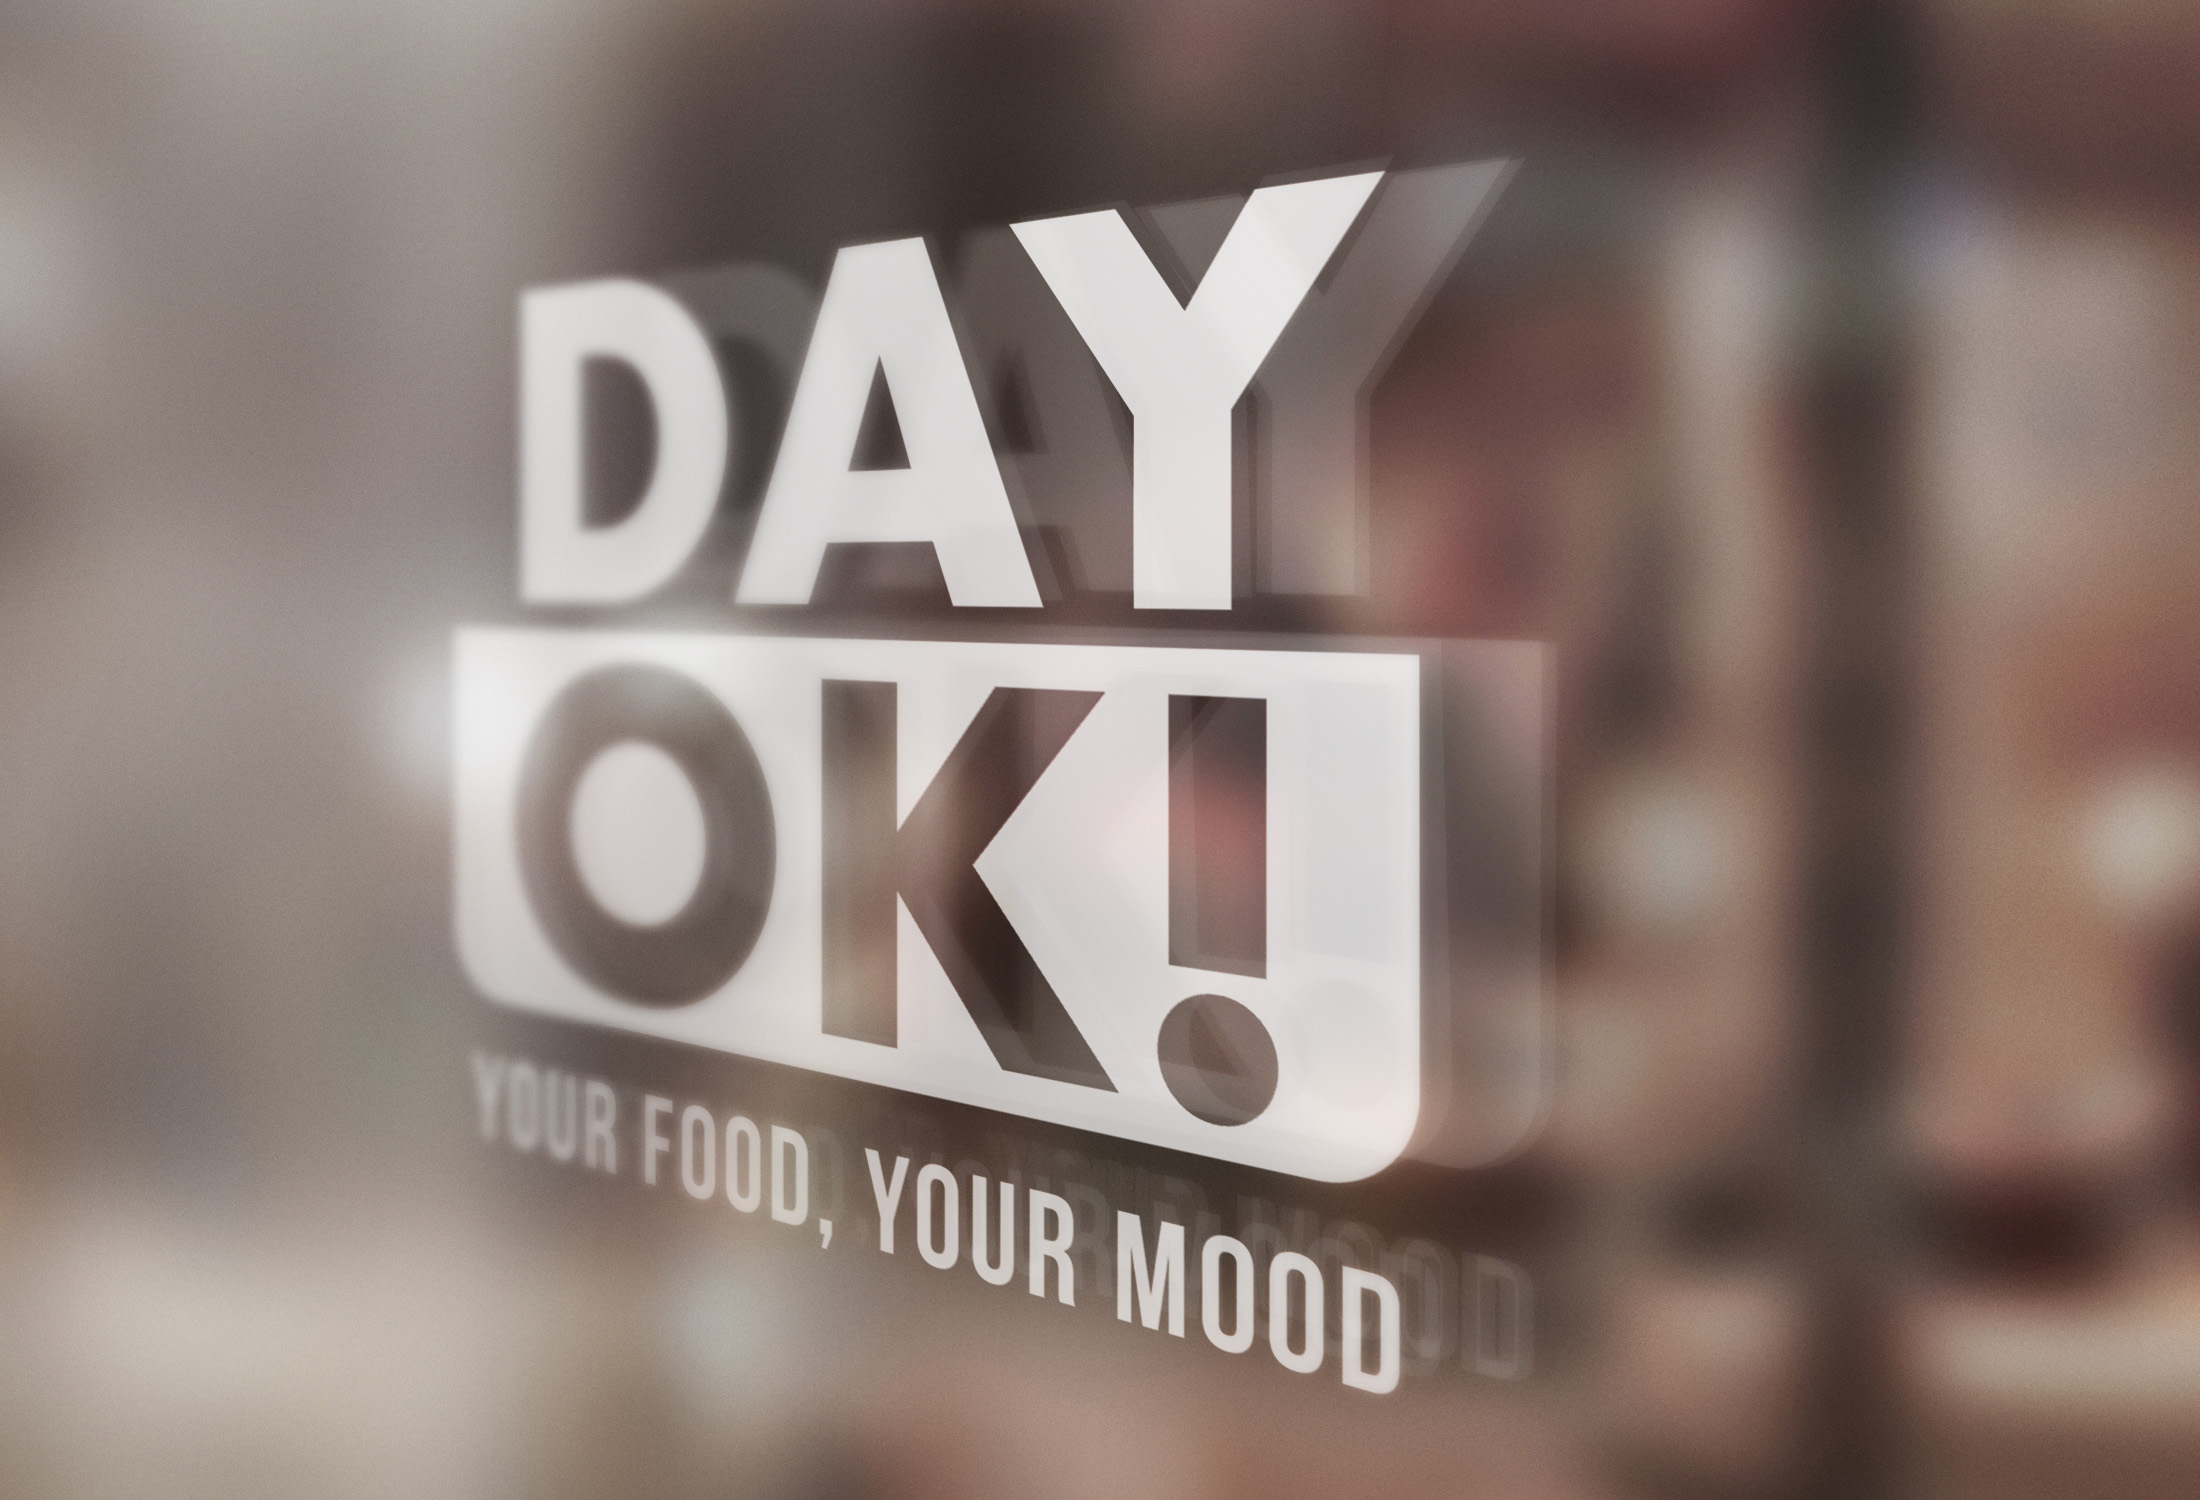 Day Ok